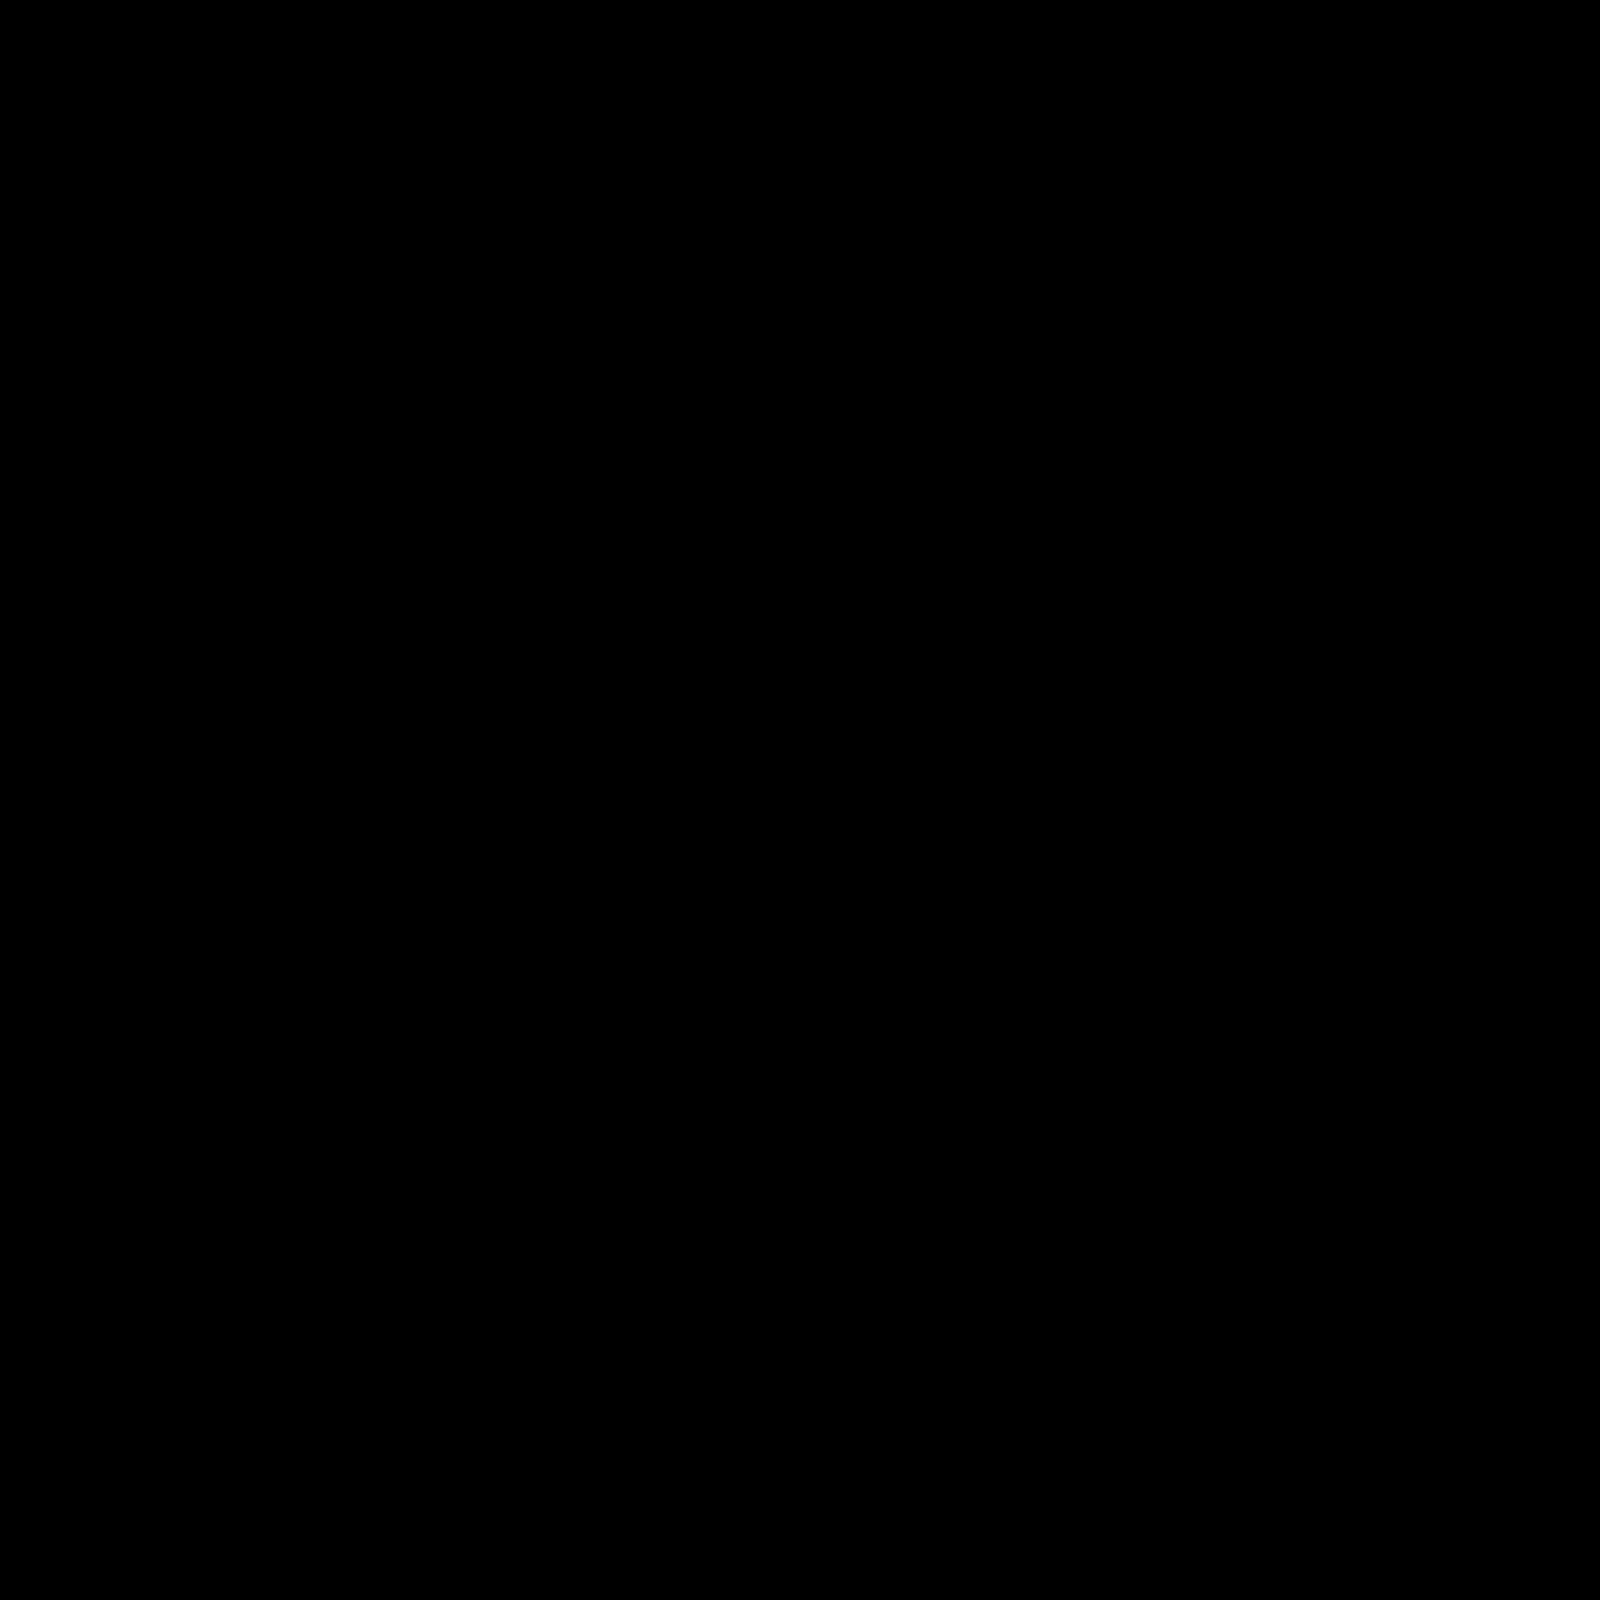 Thumb signal Computer Icons Symbol.